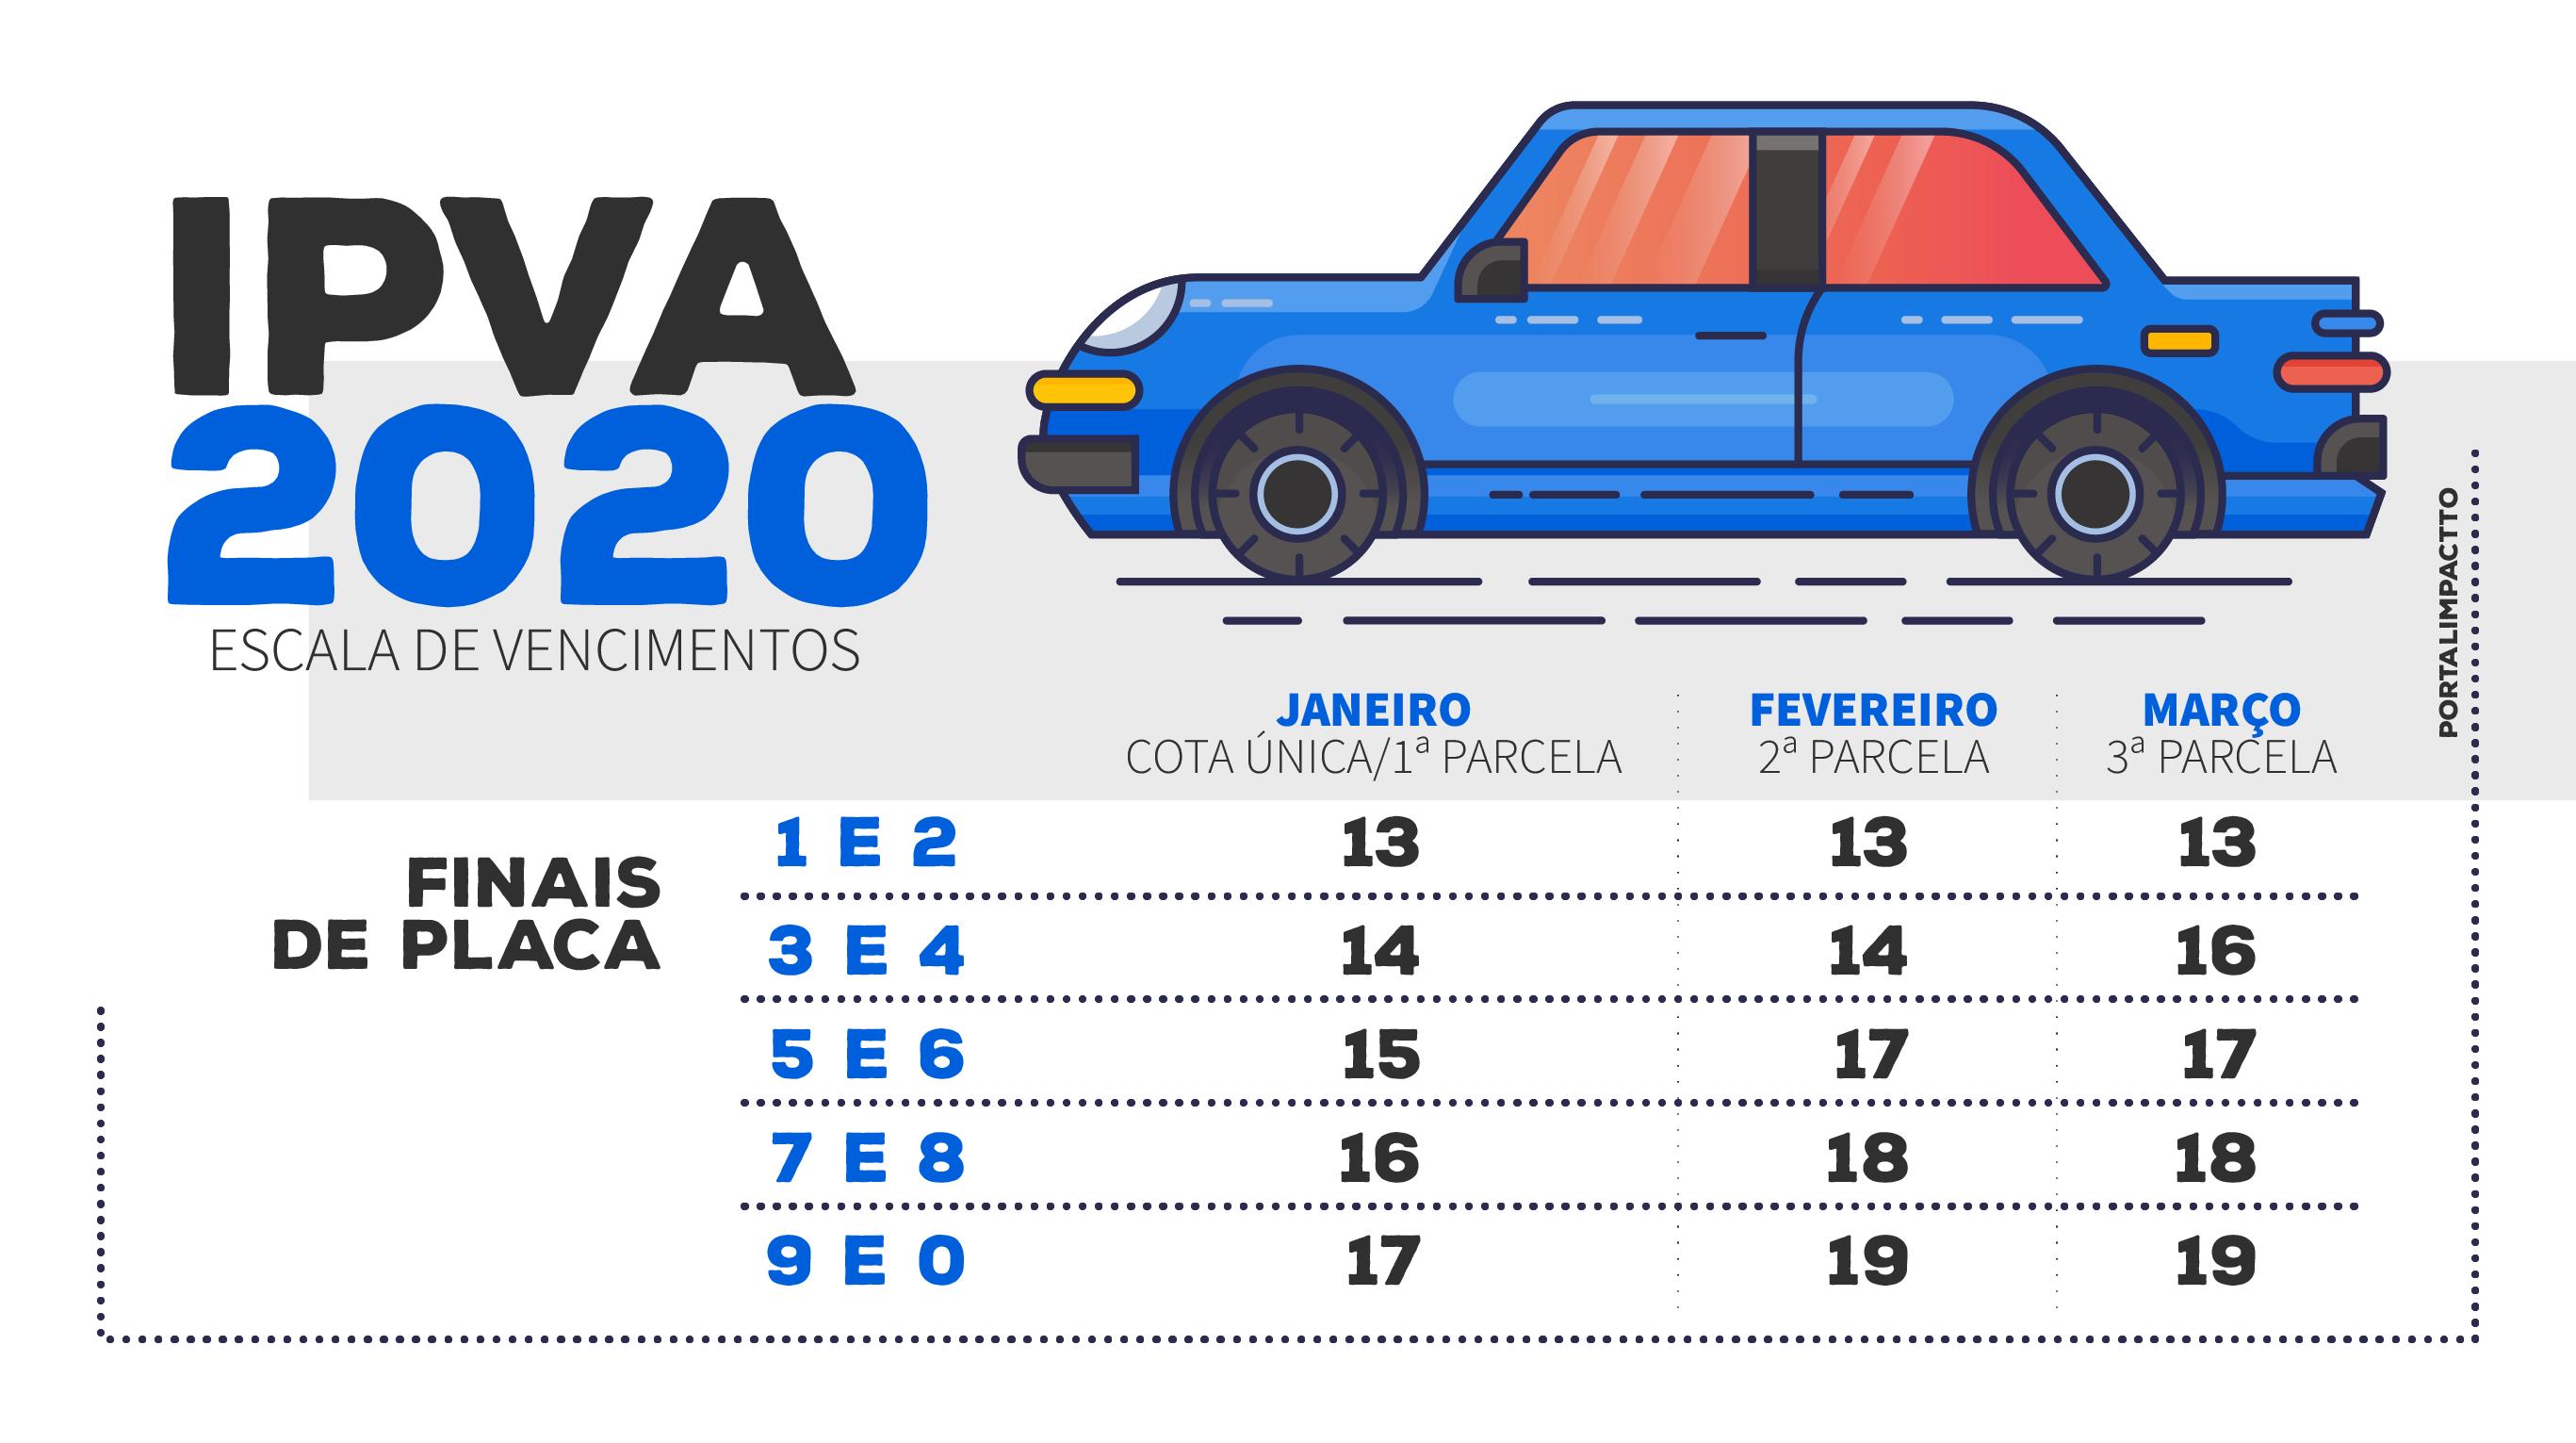 Infográfico IPVA 2020 minas gerais